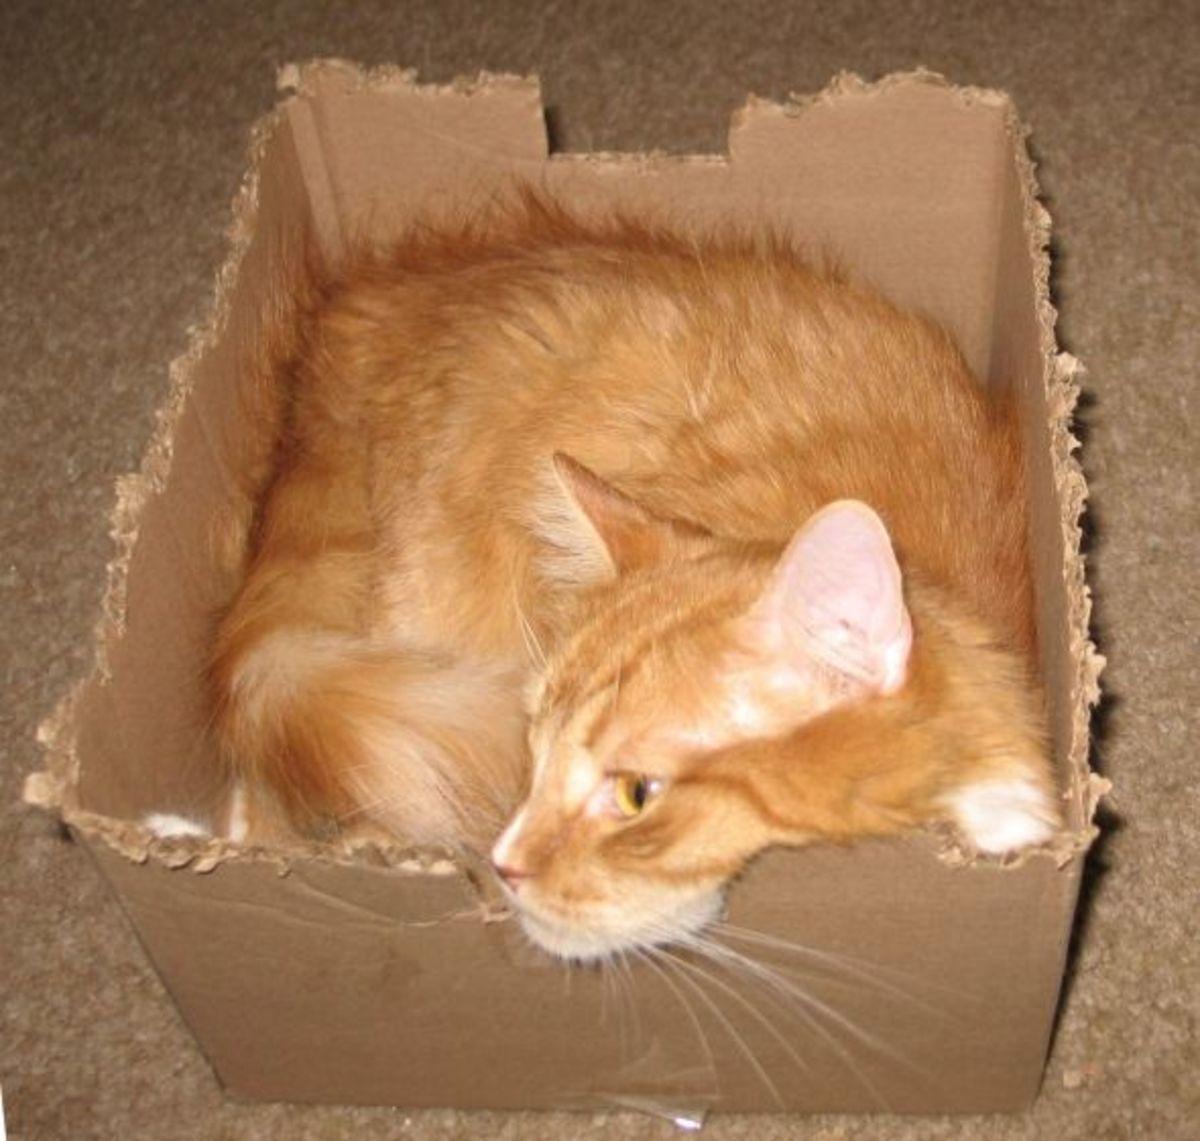 Orange cat in a square cardboard box